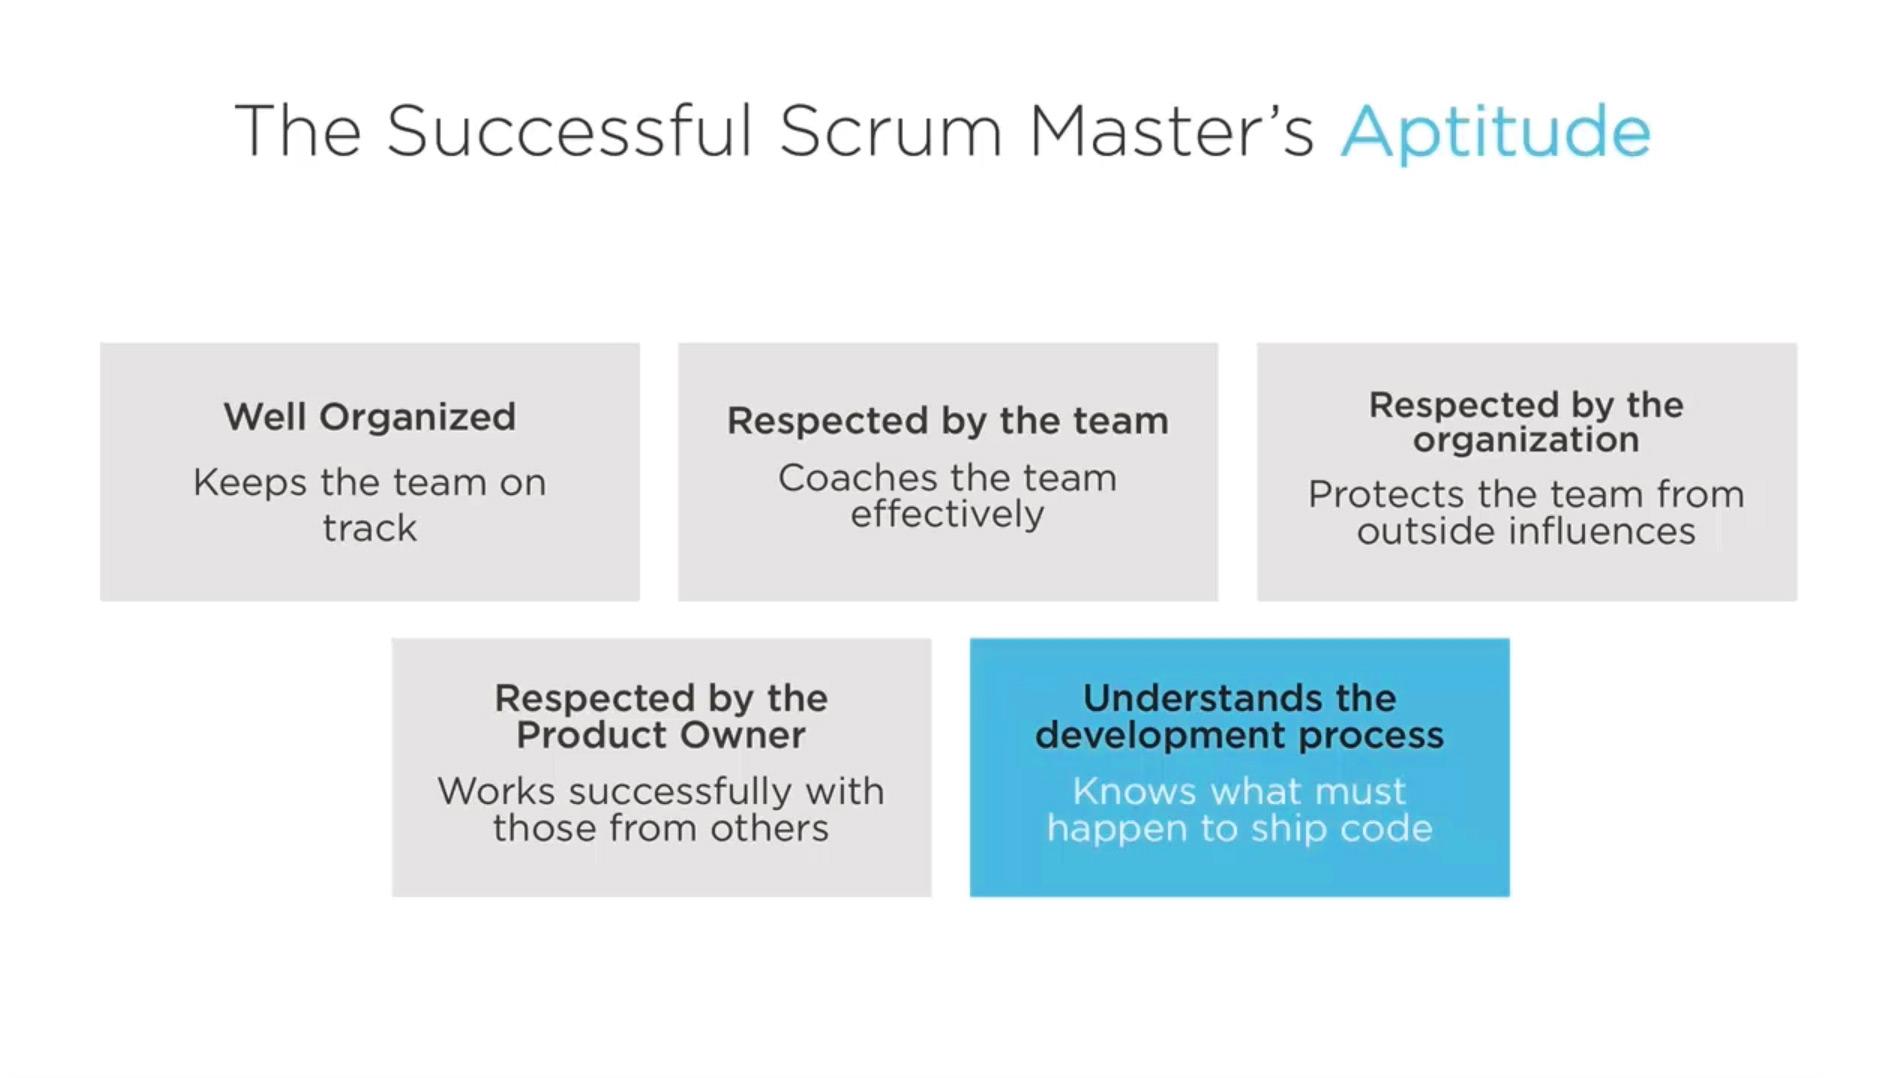 Die Eignung eines erfolgreichen Scrum Masters - Gut organisiert - Vom Team respektiert - Von der Organisation respektiert - Vom Product Owner respektiert - Versteht den Entwicklungsprozess